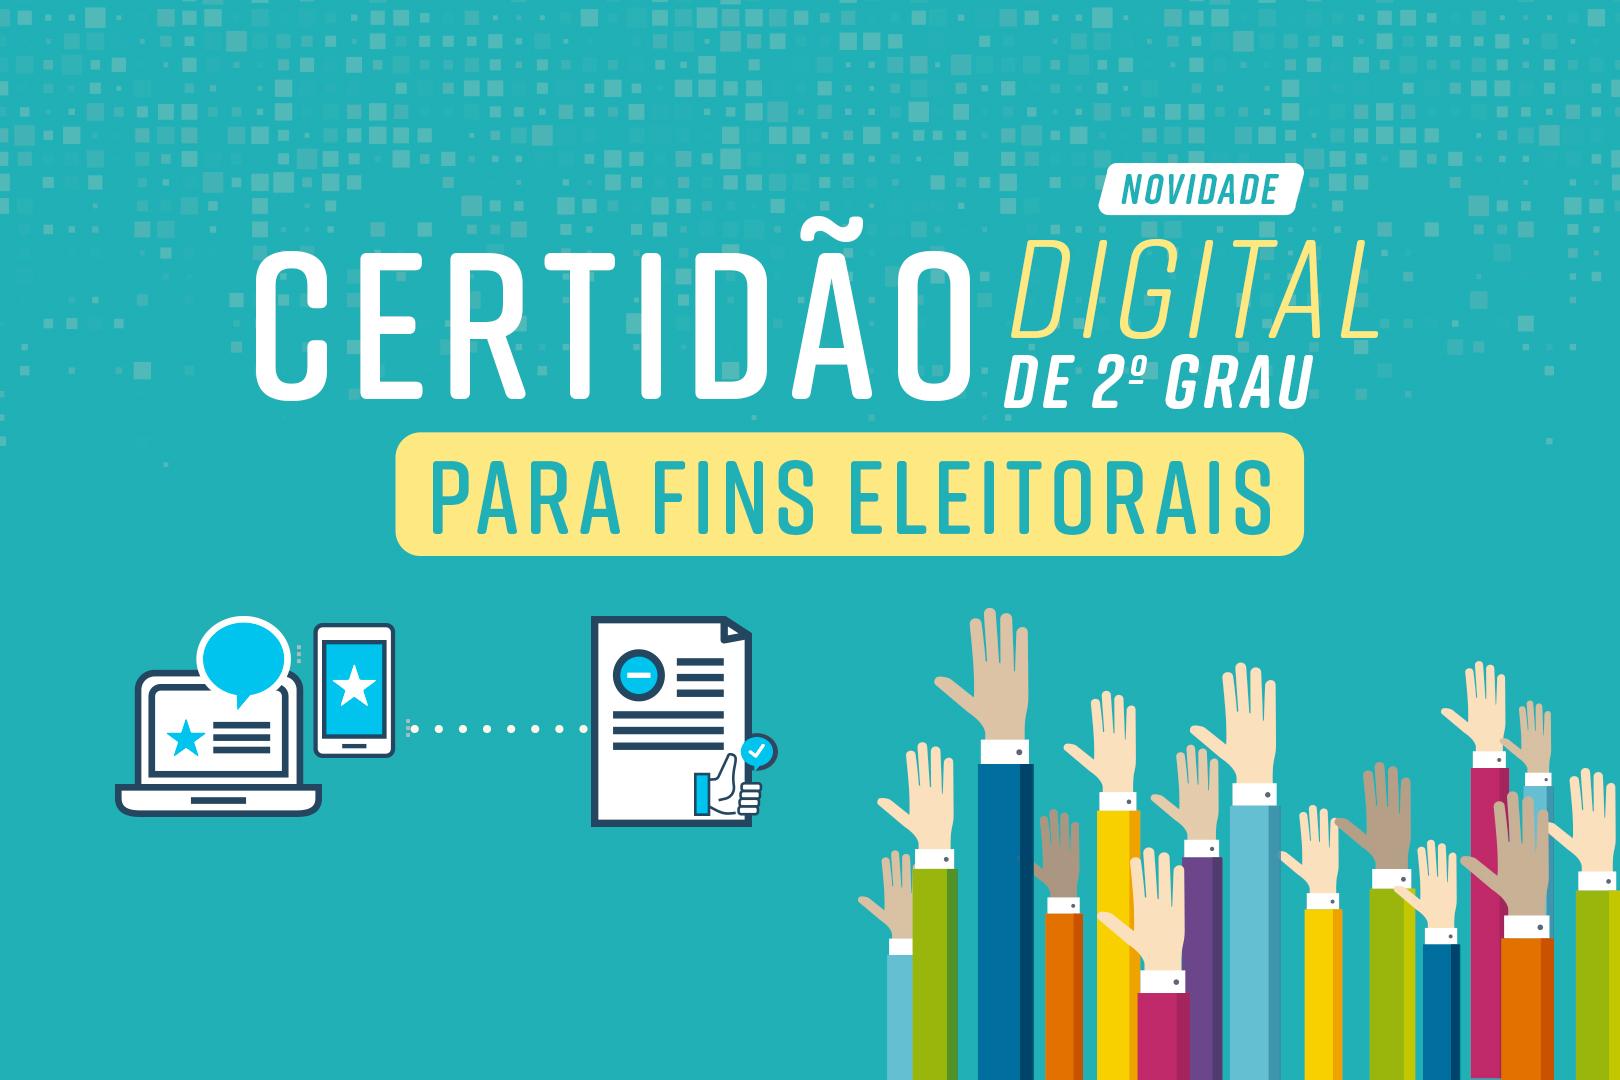 Novidade: Certidão de 2º Grau para fins eleitorais agora pode ser obtida pela internet